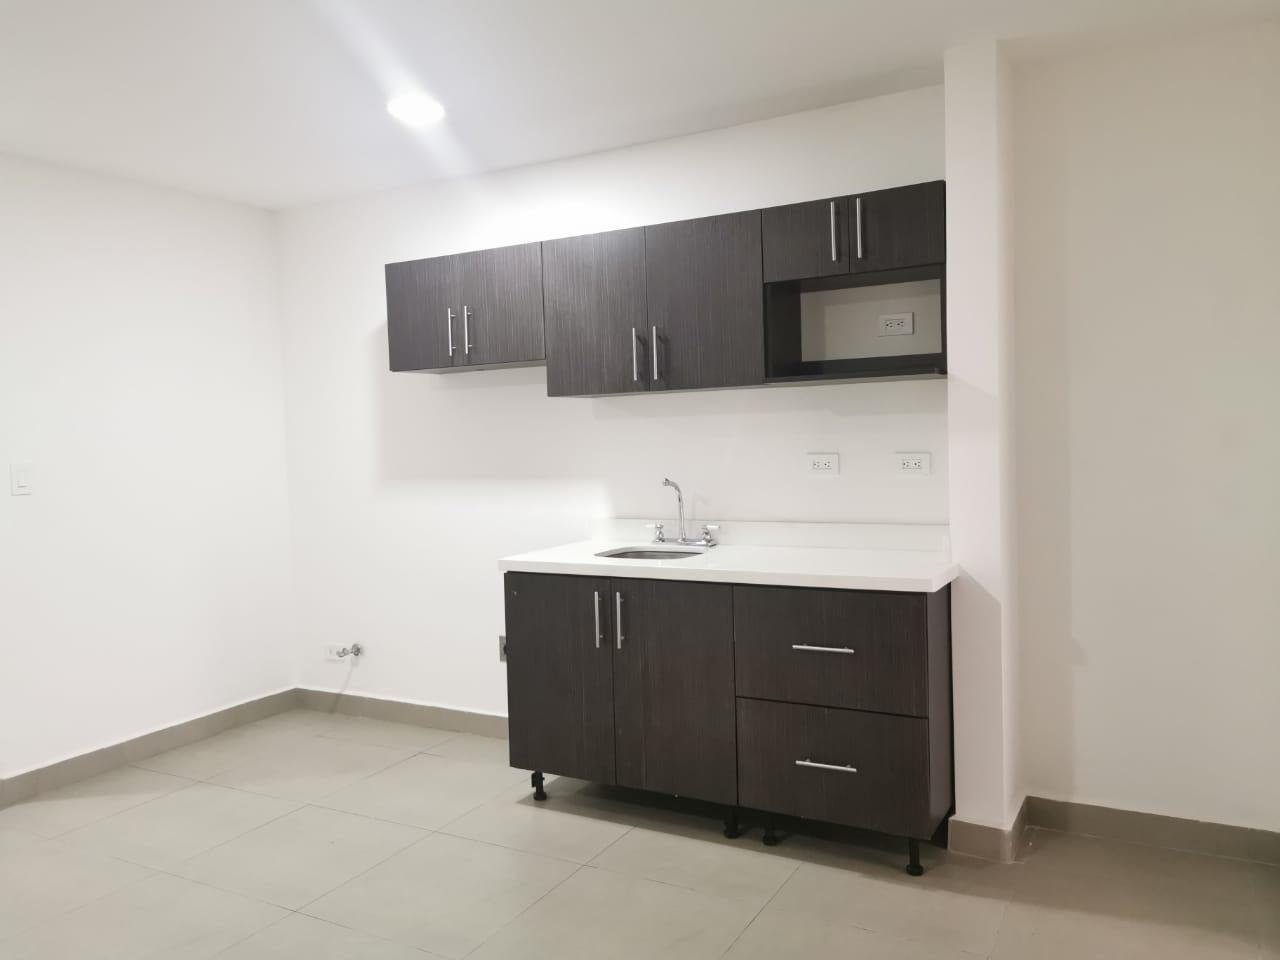 2490 Alquilo apartamento a 500 metros del Parque La Sabana